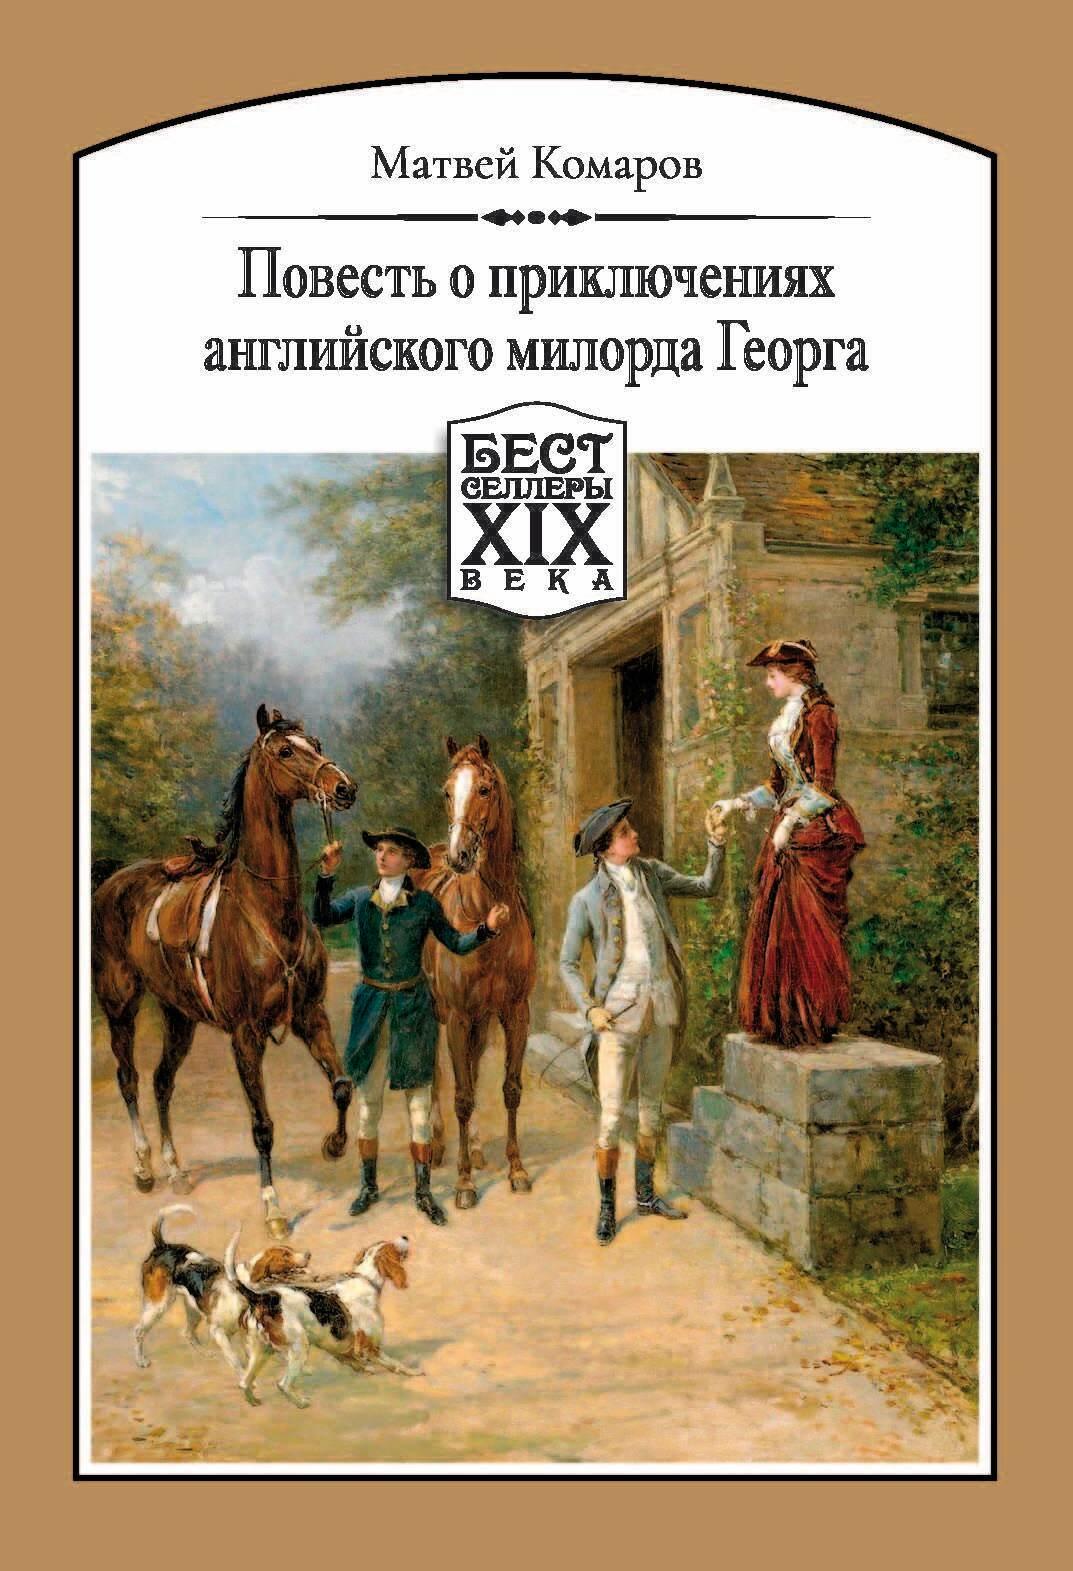 Купить книгу Повесть о приключениях английского милорда Георга, автора Матвея Комарова